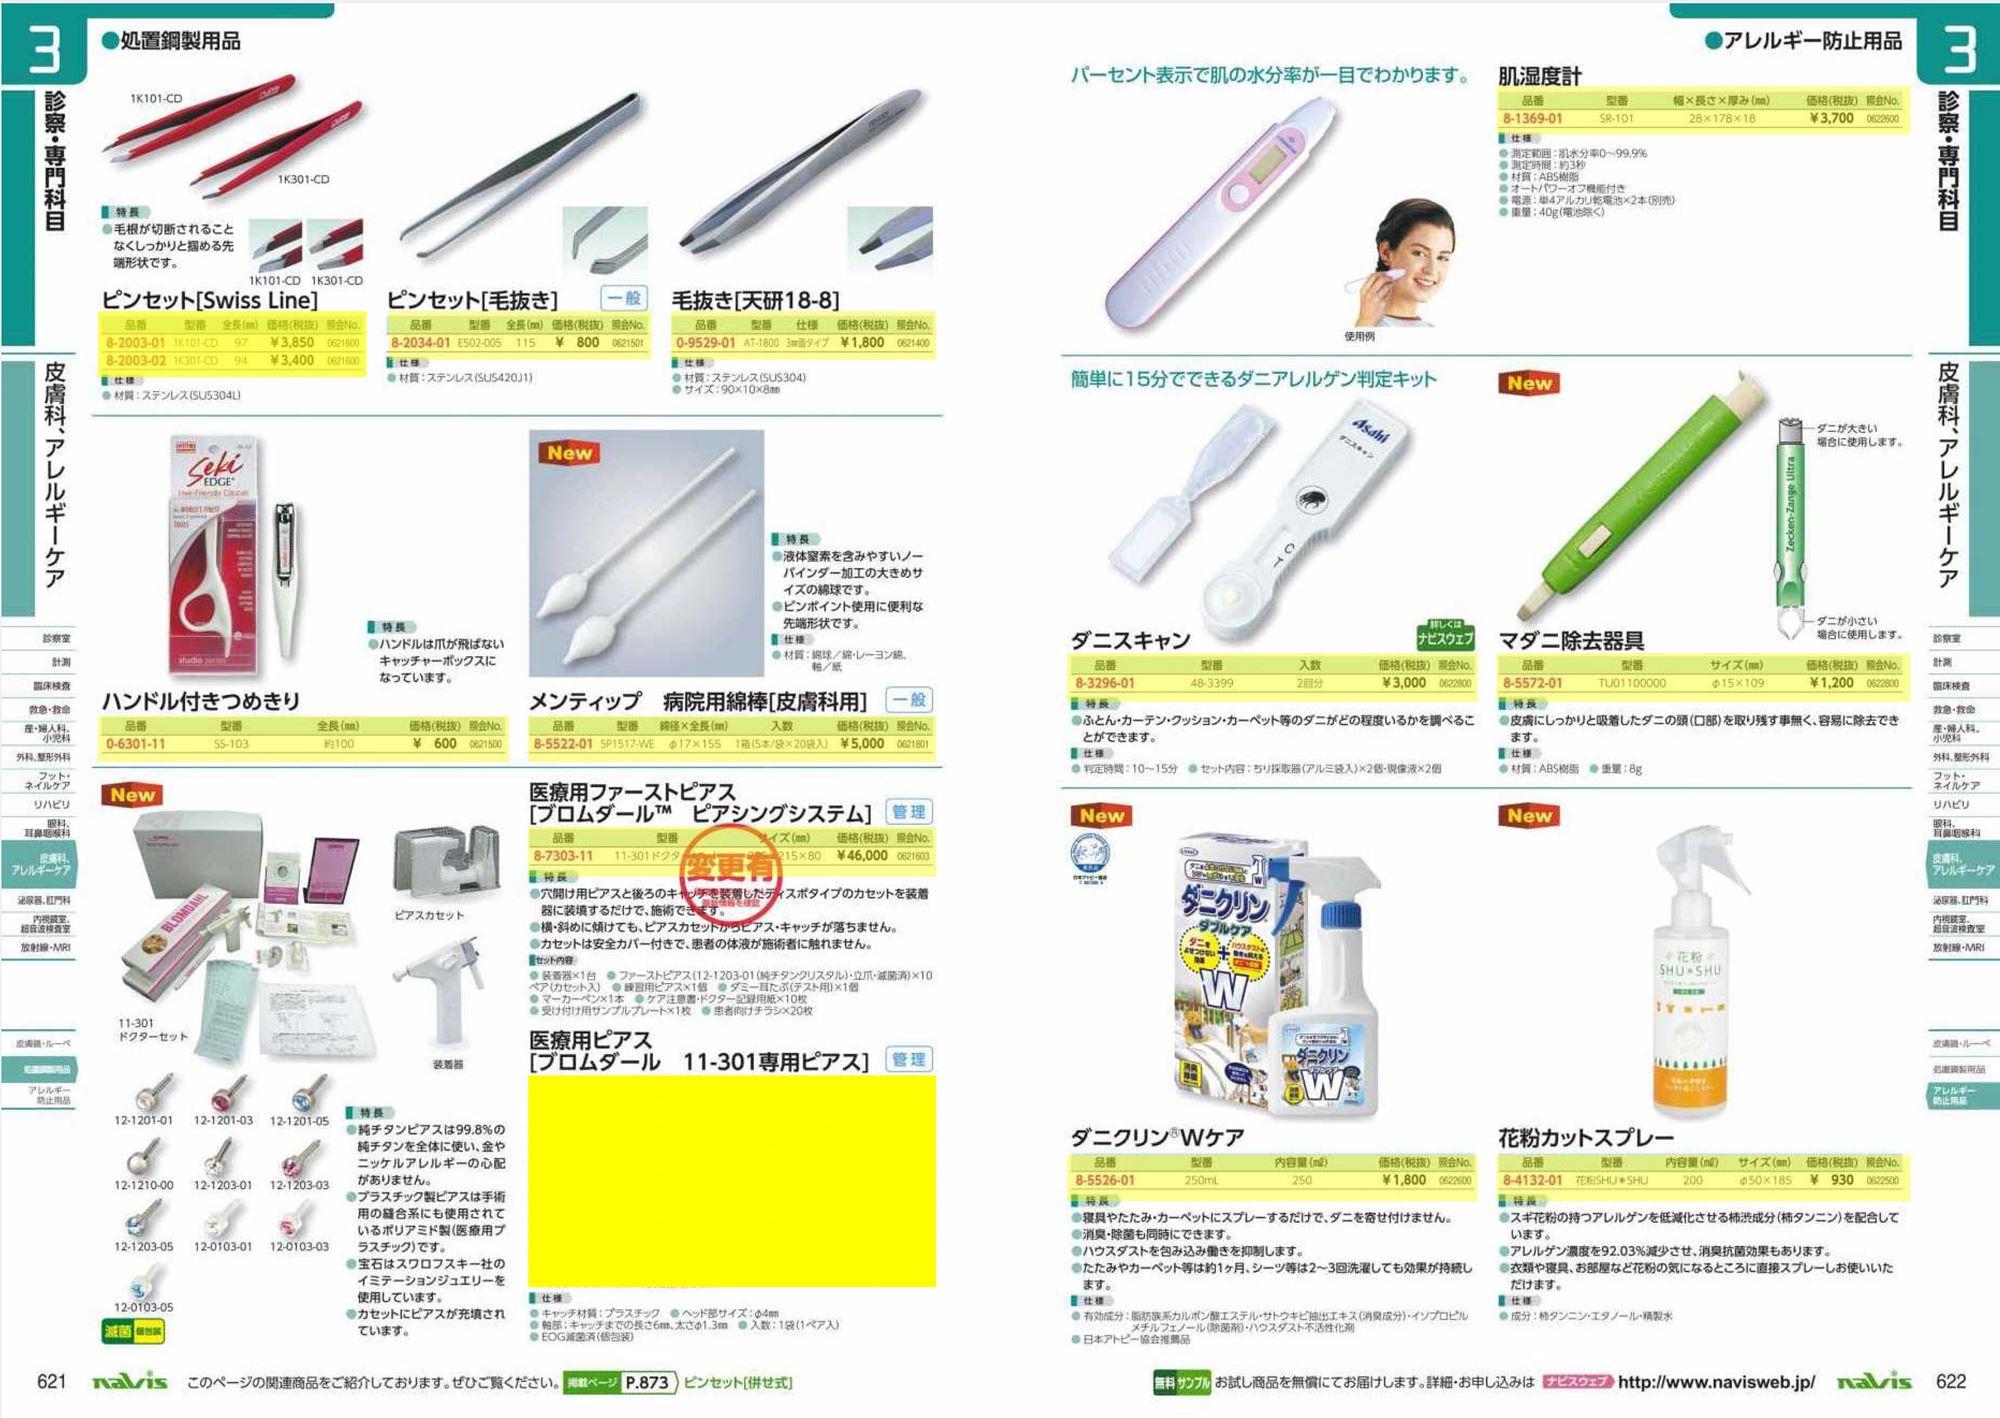 ナビス30000 8-2003-01 ピンセット[Swiss Line] 1K101−CD 97mm ピンセット1K101-CD NI054268 [本]